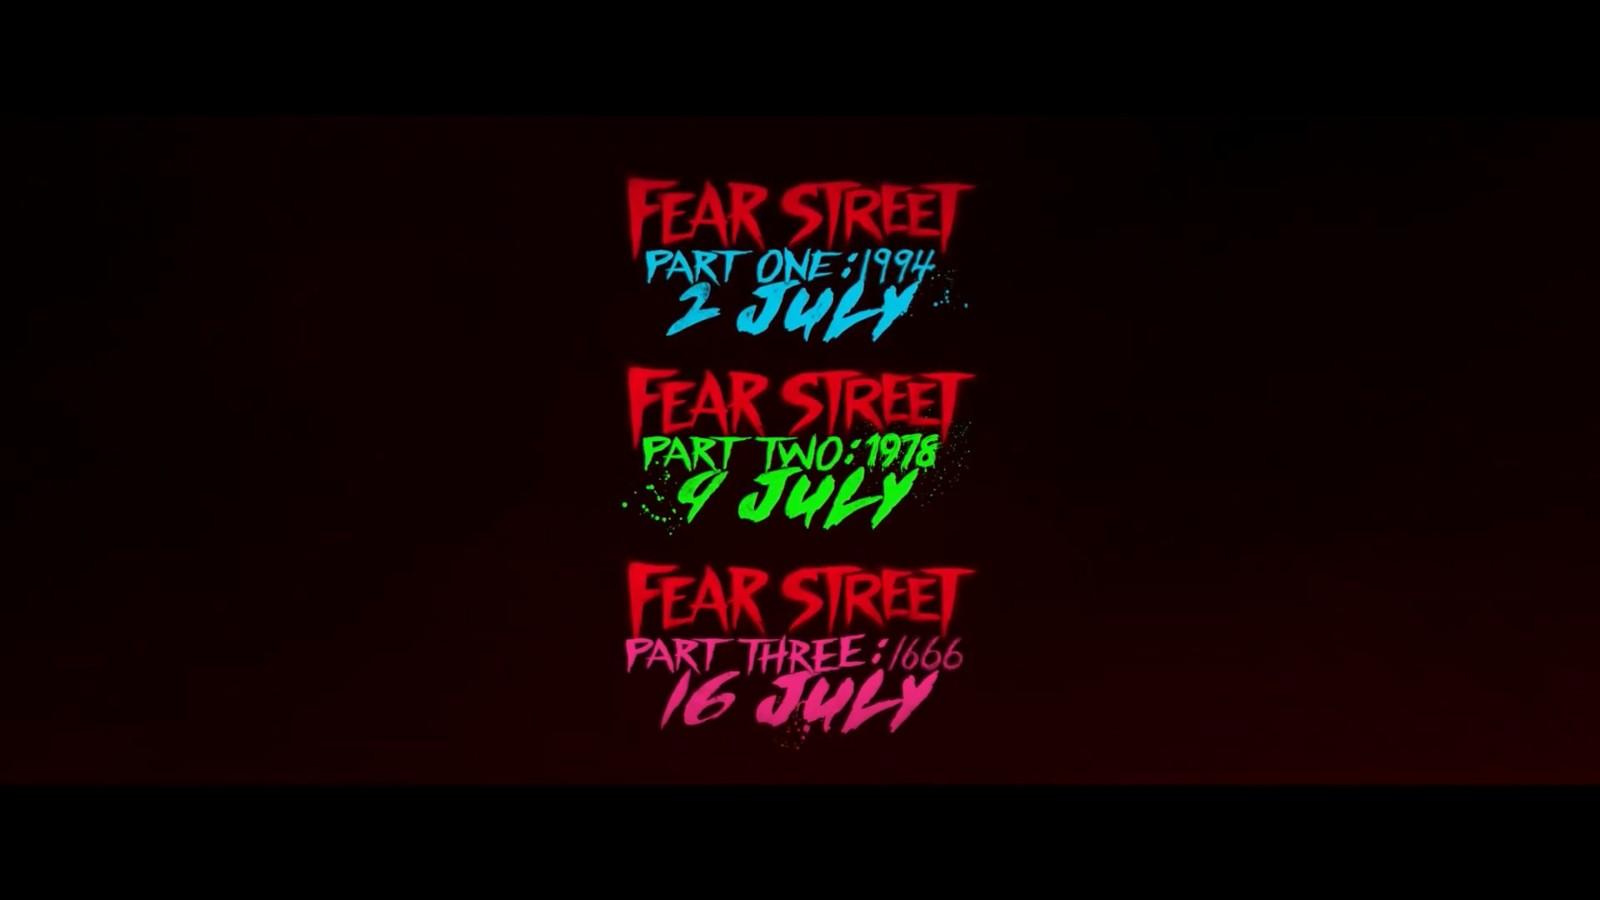 网飞恐怖片《恐惧街:1994》发布正式预告